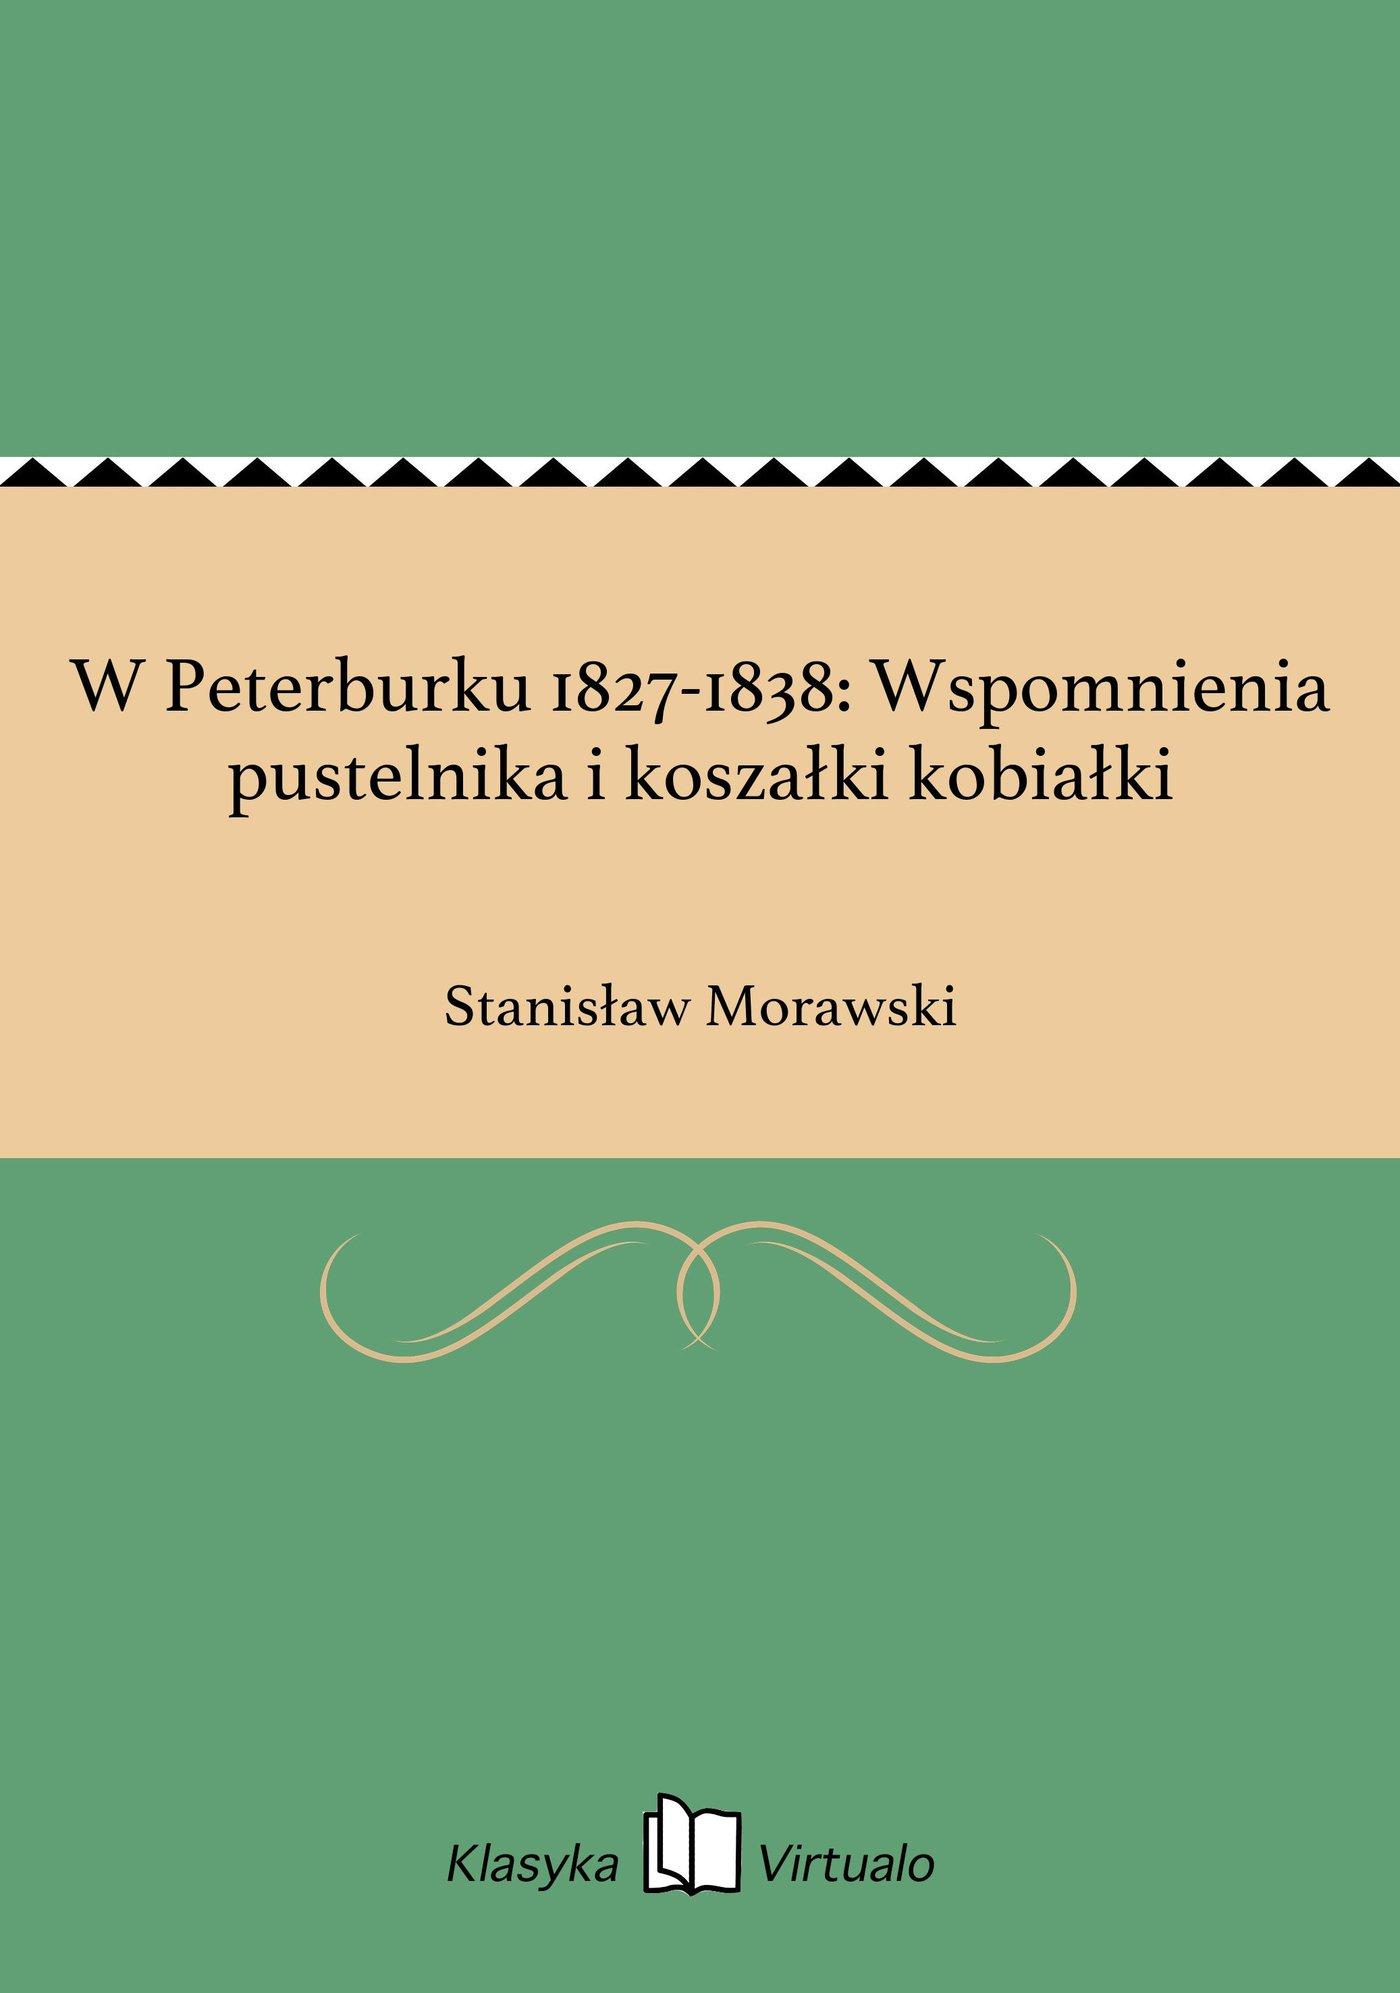 W Peterburku 1827-1838: Wspomnienia pustelnika i koszałki kobiałki - Ebook (Książka EPUB) do pobrania w formacie EPUB